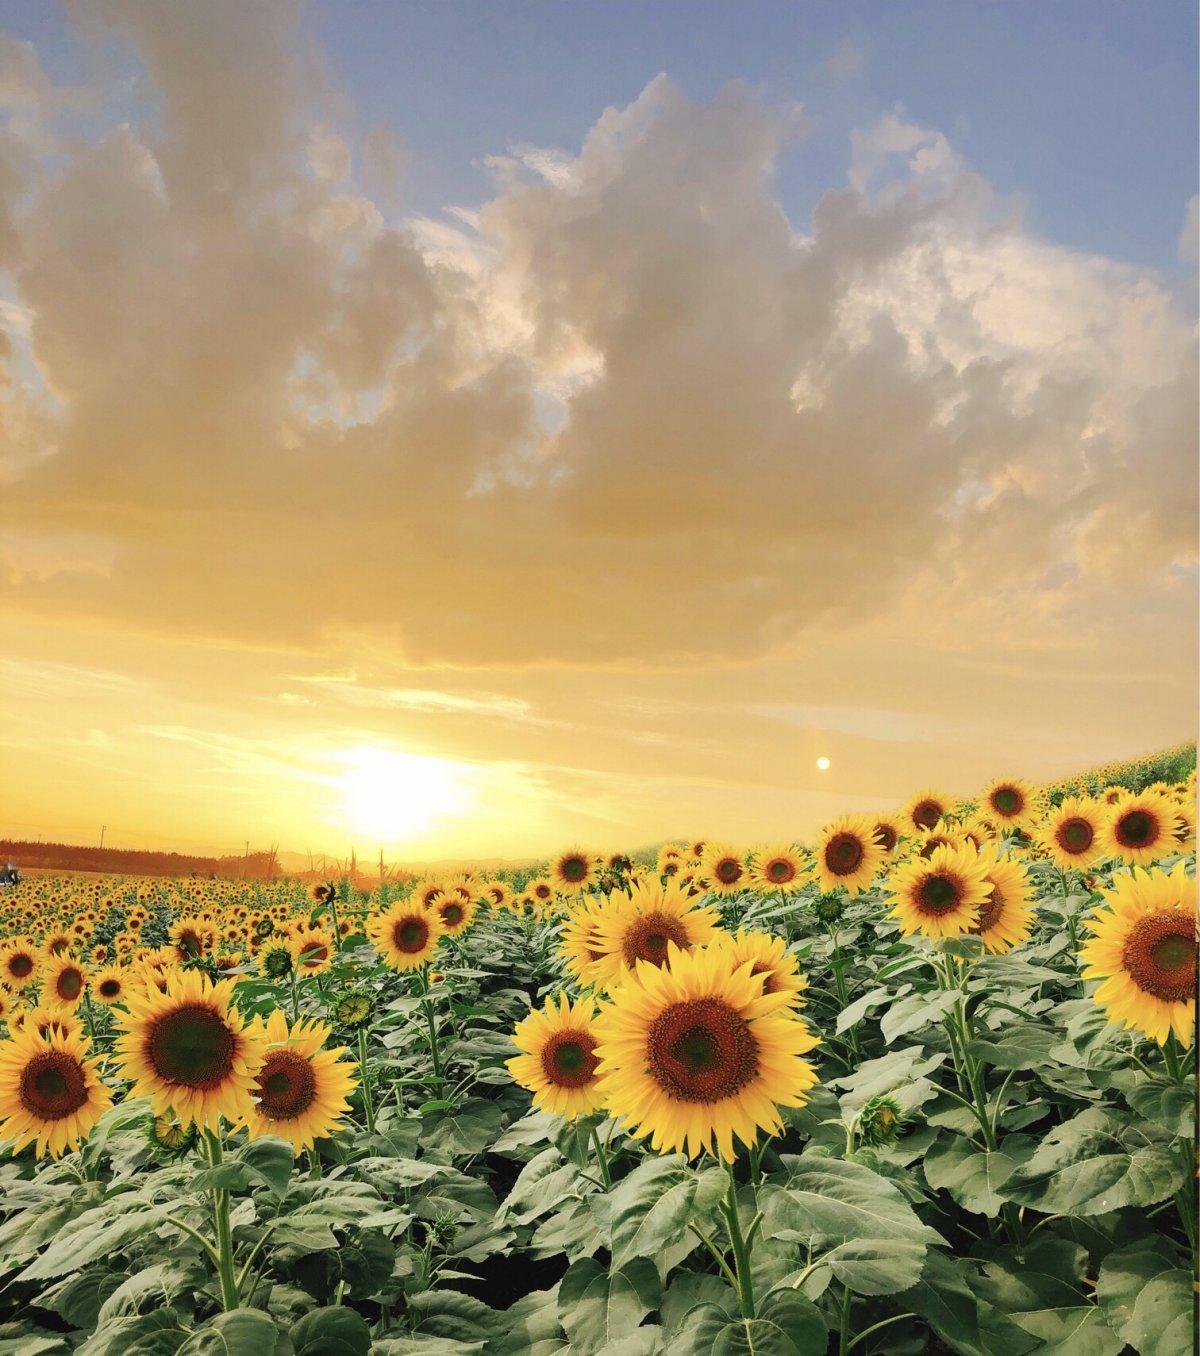 Cánh đồng hoa hướng dương mang một sắc vàng cả một bàu trời